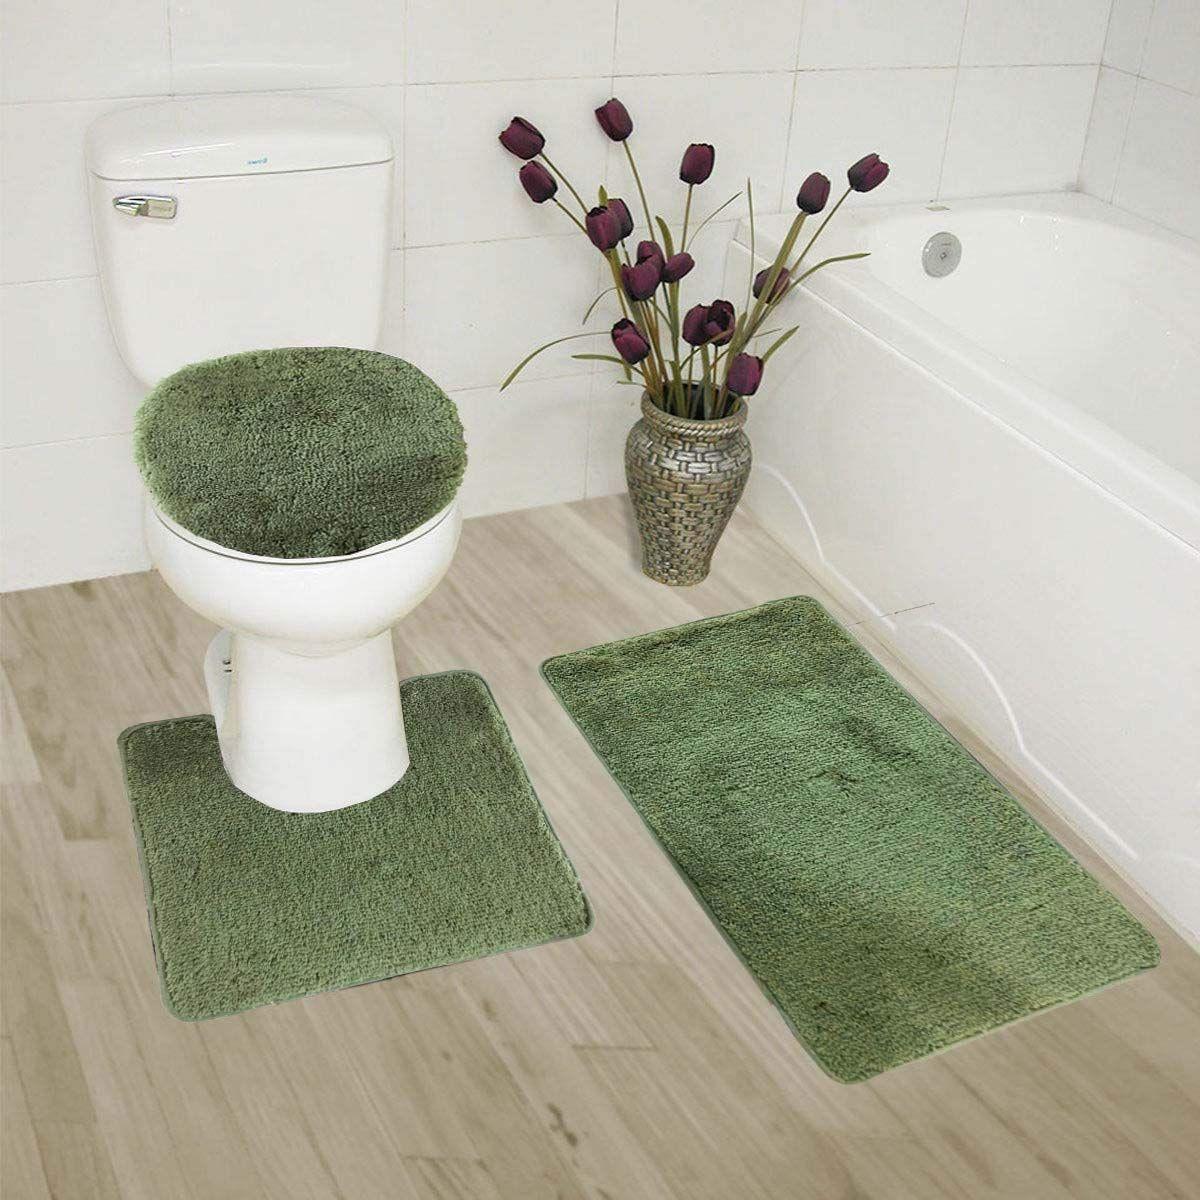 Amazon Com Gorgeoushomelinenvarious Colors 3 Pc Bathroom Set Bath Mat Contour And Toilet Lid Cov Memory Foam Bath Rugs Bath Rugs Sets Bathroom Rugs And Mats